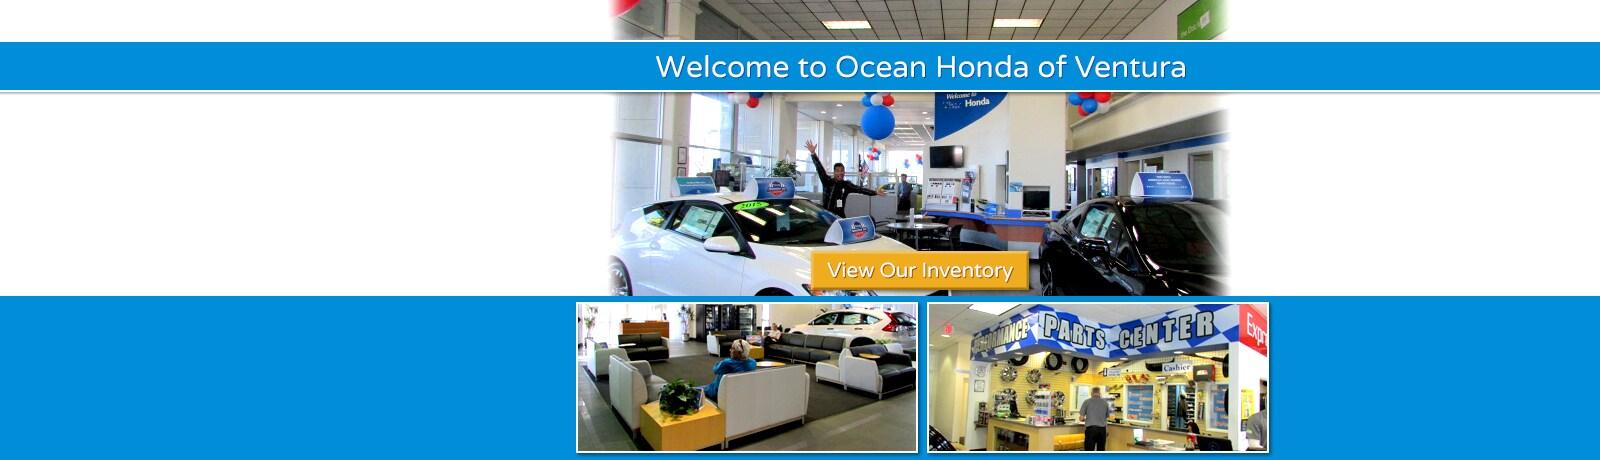 Ocean Honda Ventura Honda Dealer Ventura Ca